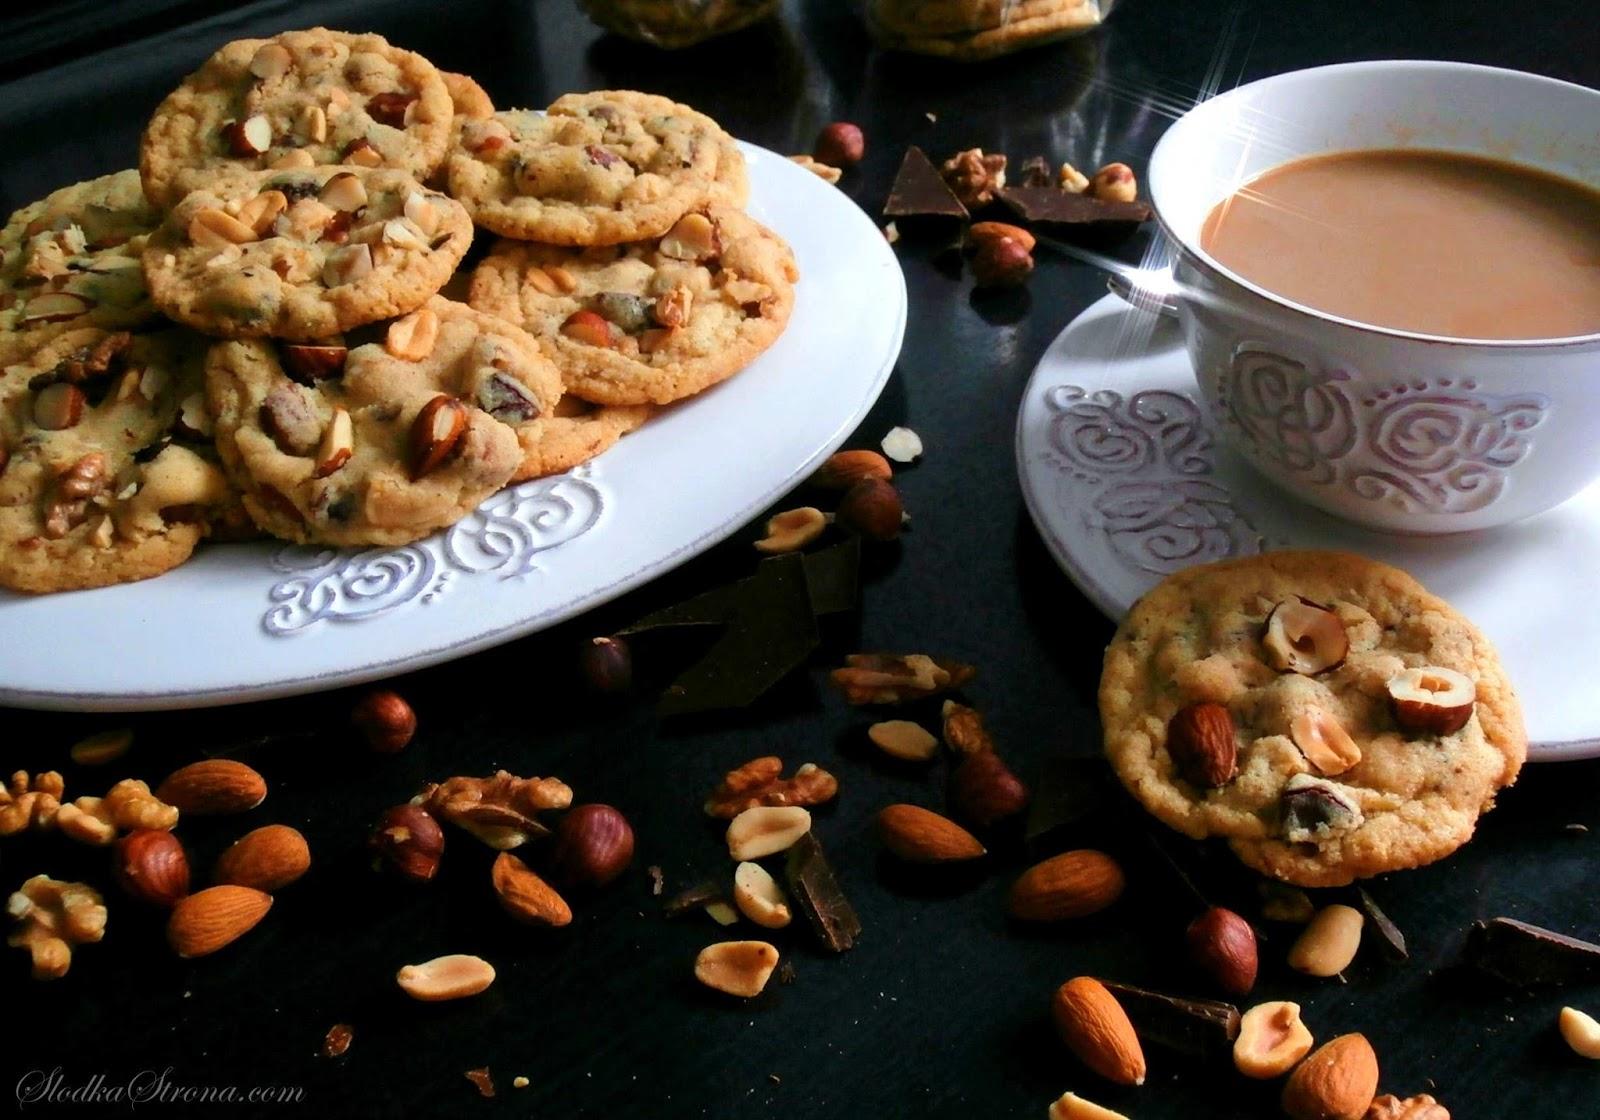 Amerykańskie Ciasteczka z Orzechami i Czekoladą - Chocolate Chip Cookies